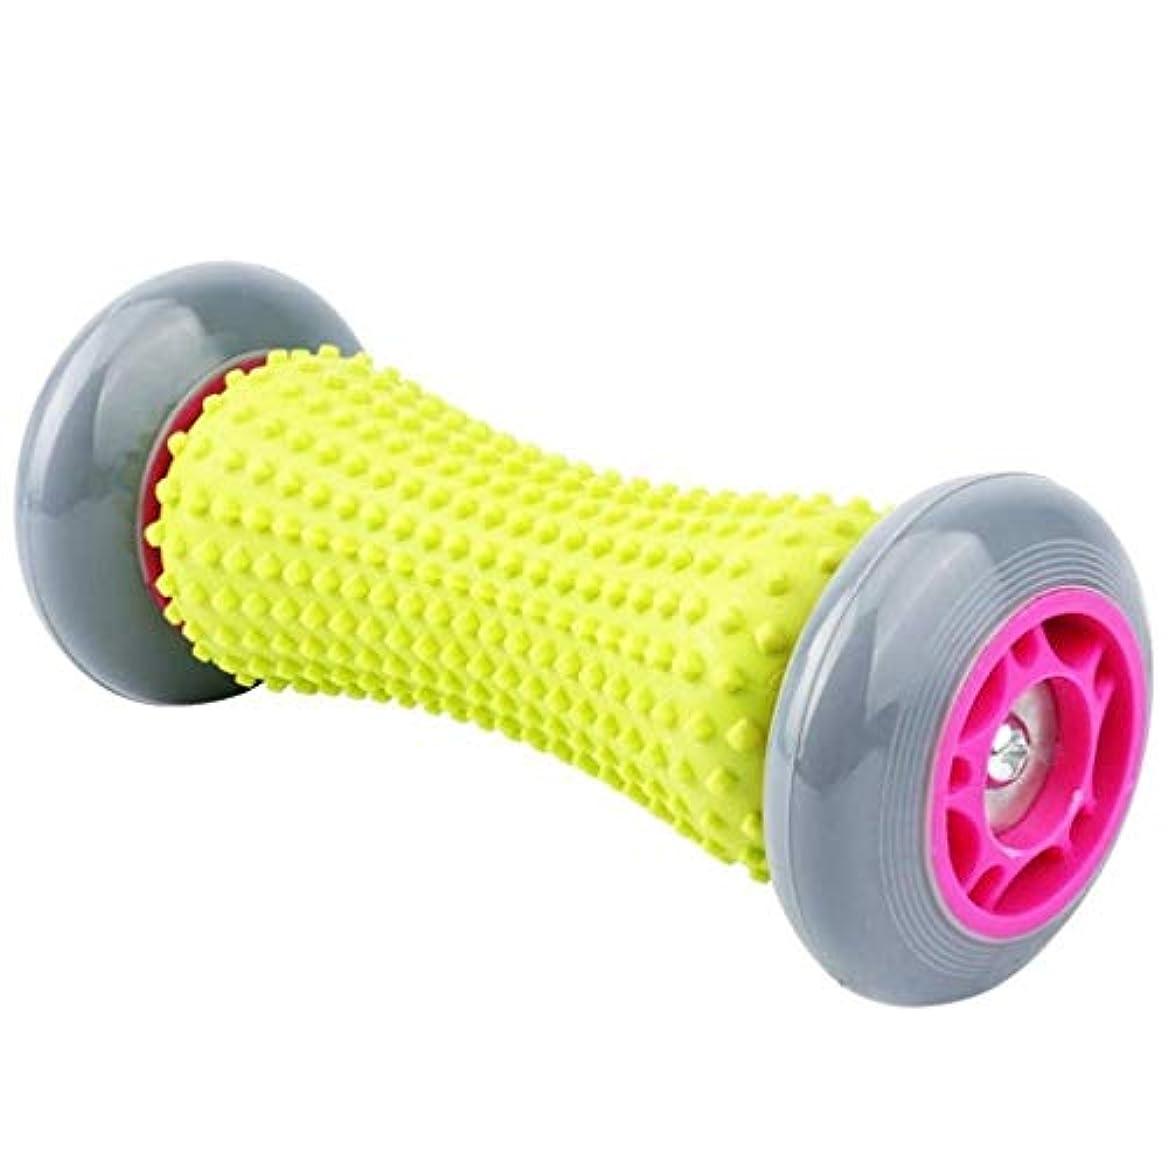 空港気取らない鍔足底筋膜炎とリフレクソロジーマッサージを緩和するために使用されるフットマッサージャー、フットマッサージボール、背中と脚のタイトな筋肉を回復するための深いツボ (Color : Grey)